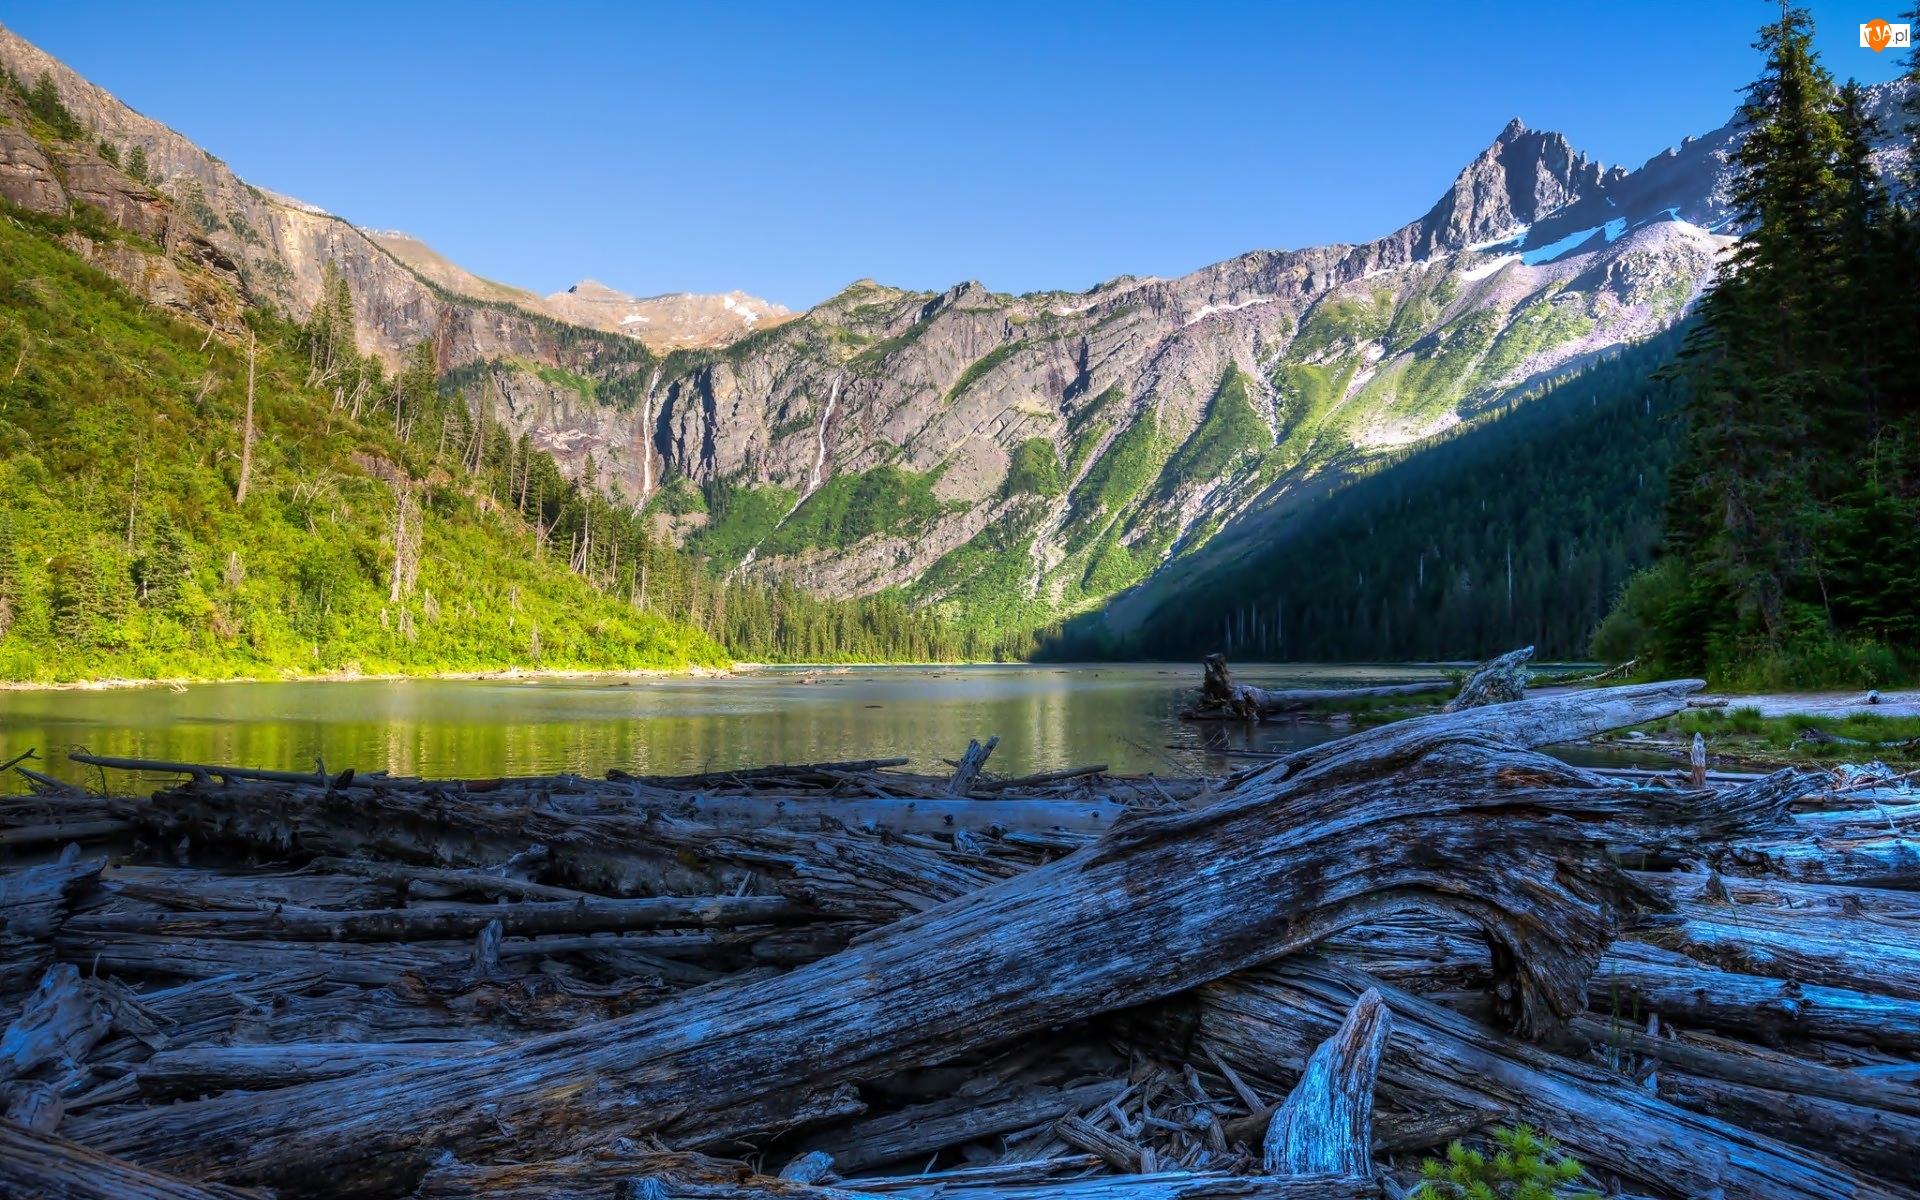 Park Narodowy Glacier, Góry, Stany Zjednoczone, Kłody, Stan Montana, Jezioro Avalanche